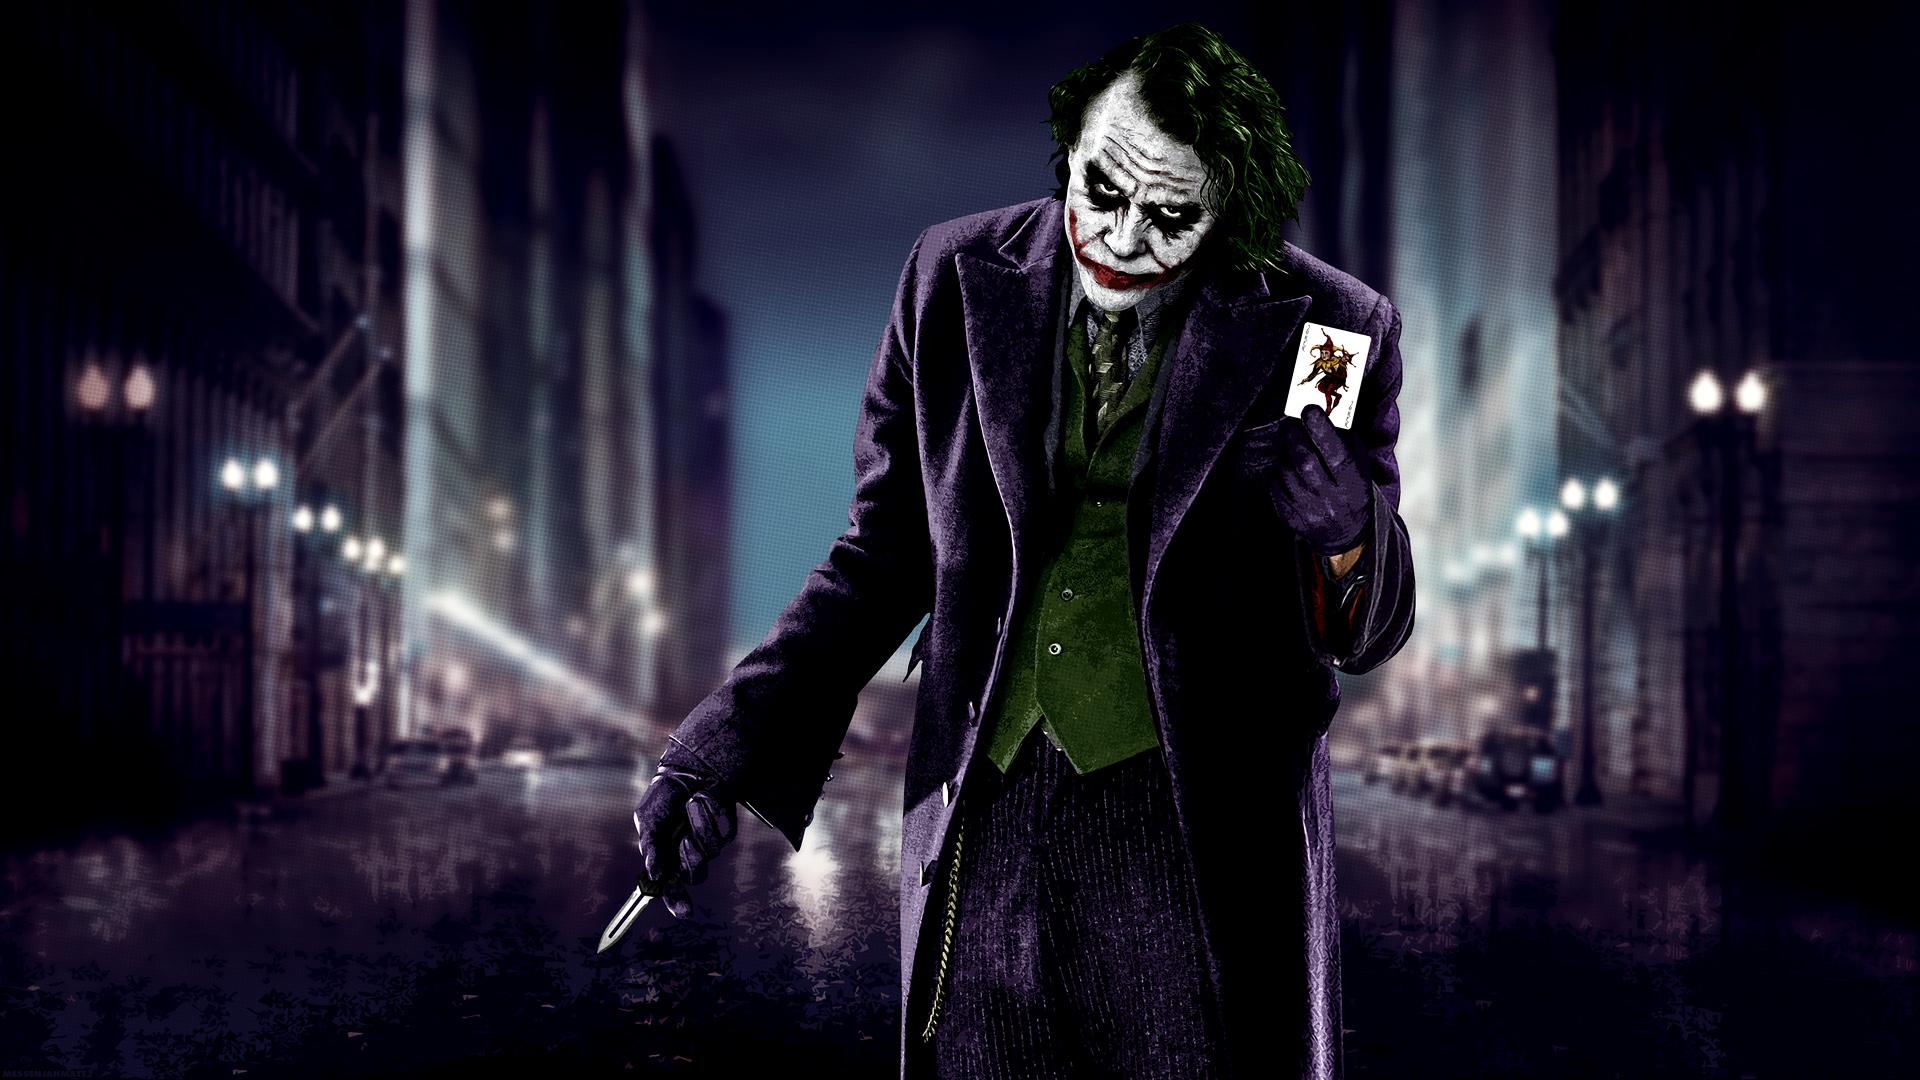 de Batman el caballero oscuro Blog Archive Fondos HD de Joker 1920x1080